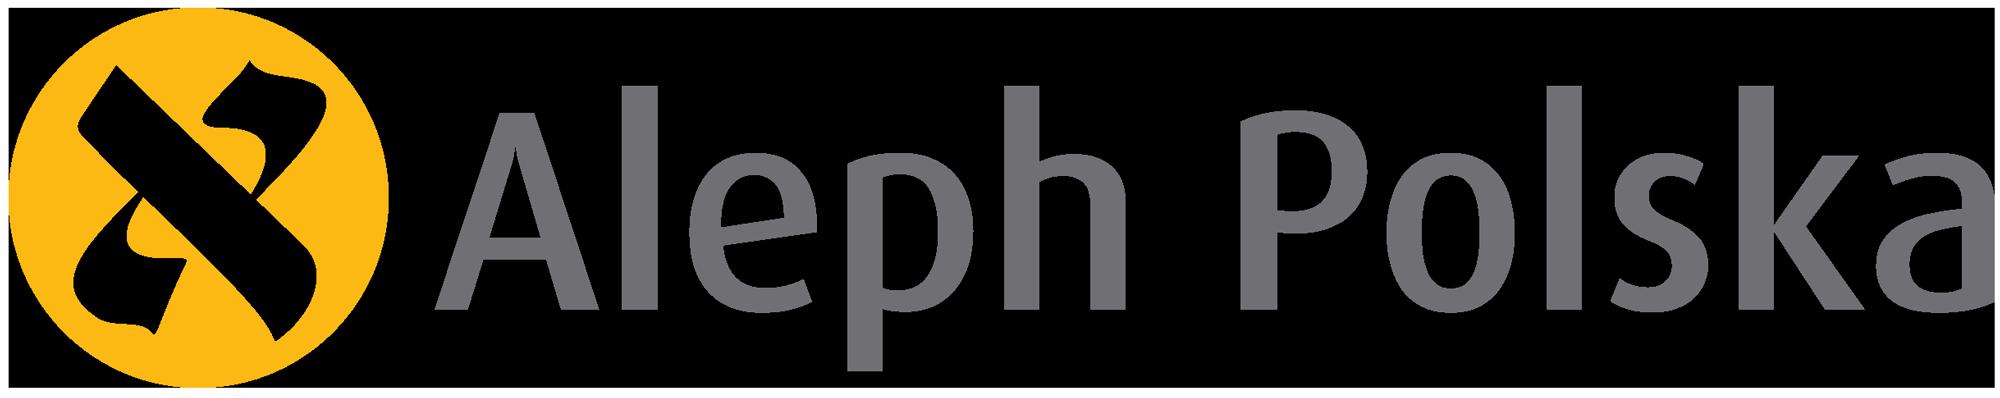 logo Aleph Polska